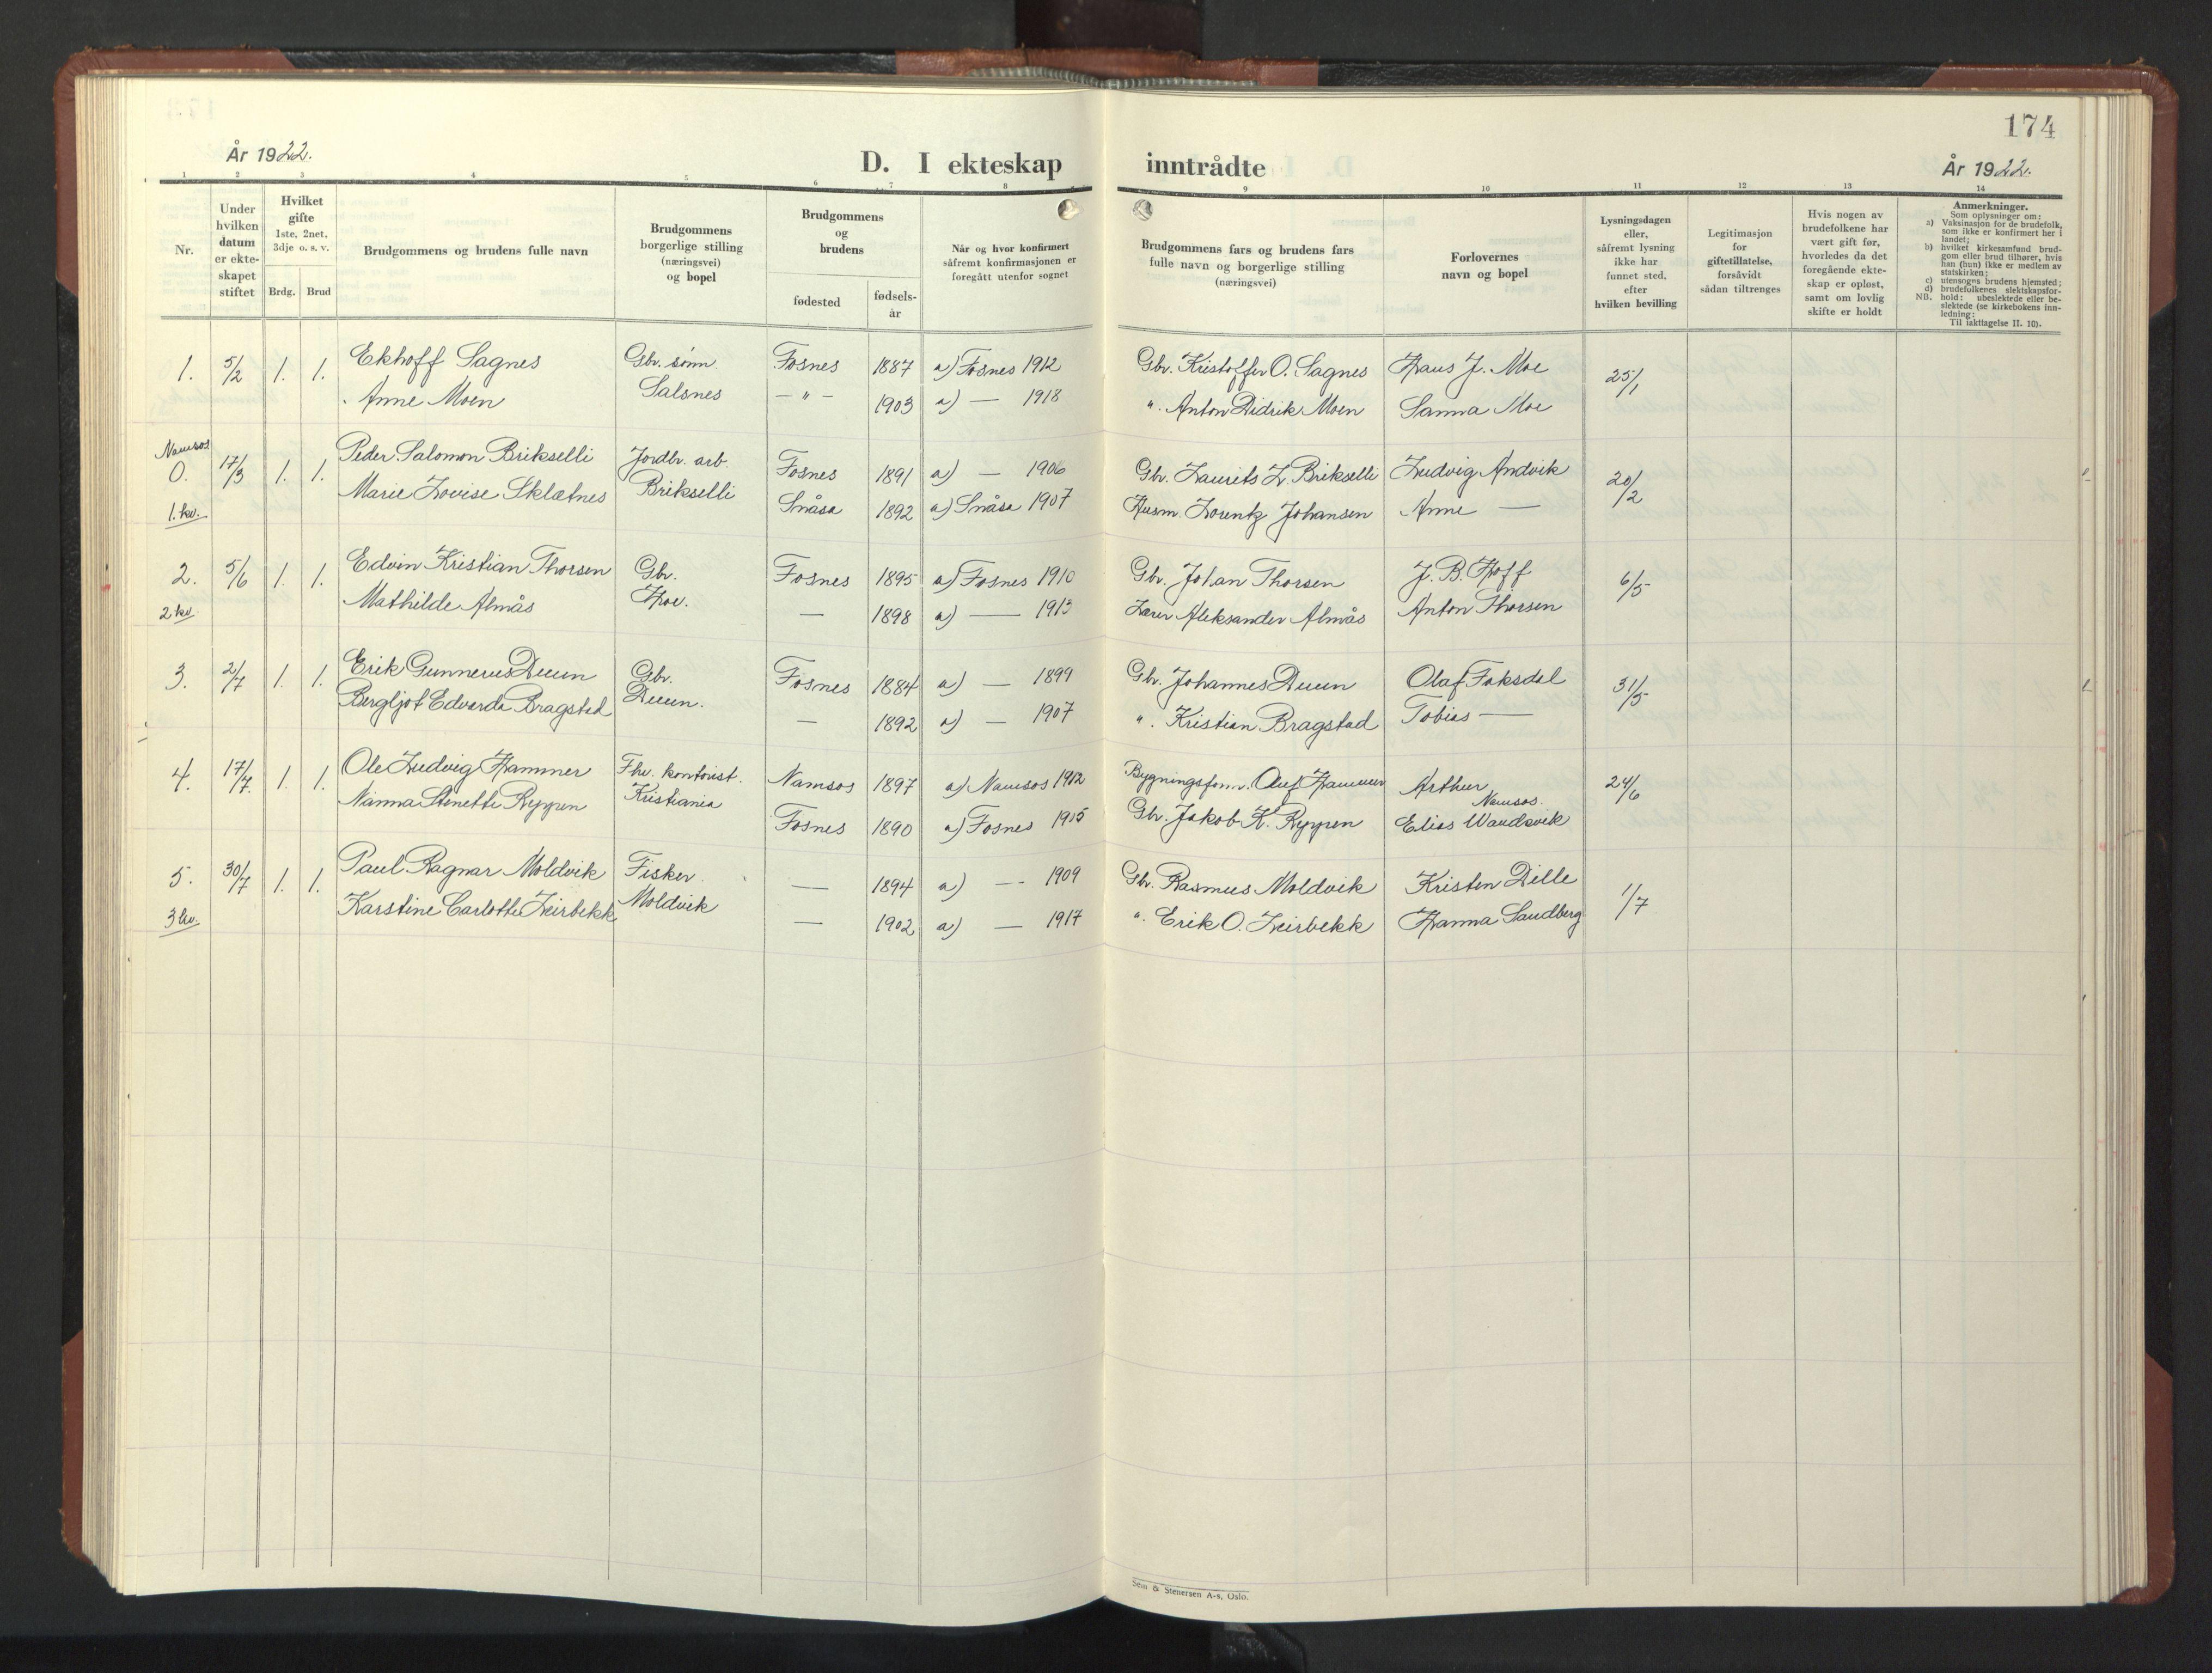 SAT, Ministerialprotokoller, klokkerbøker og fødselsregistre - Nord-Trøndelag, 773/L0625: Klokkerbok nr. 773C01, 1910-1952, s. 174